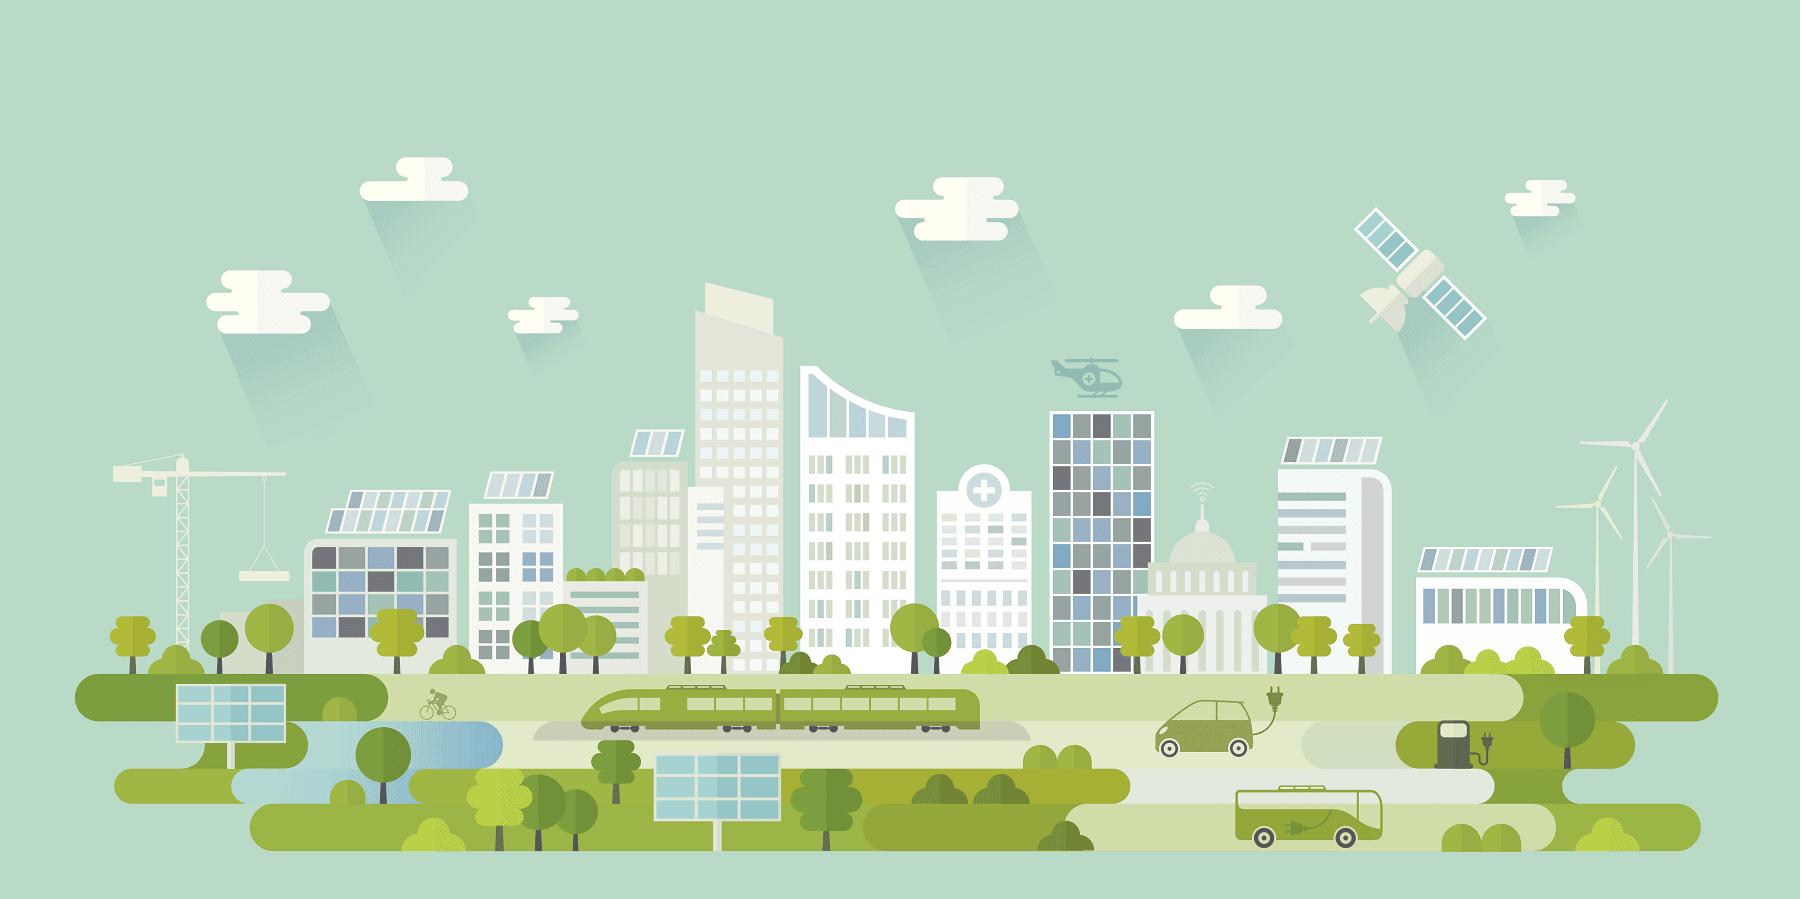 Smart city and EV adoption